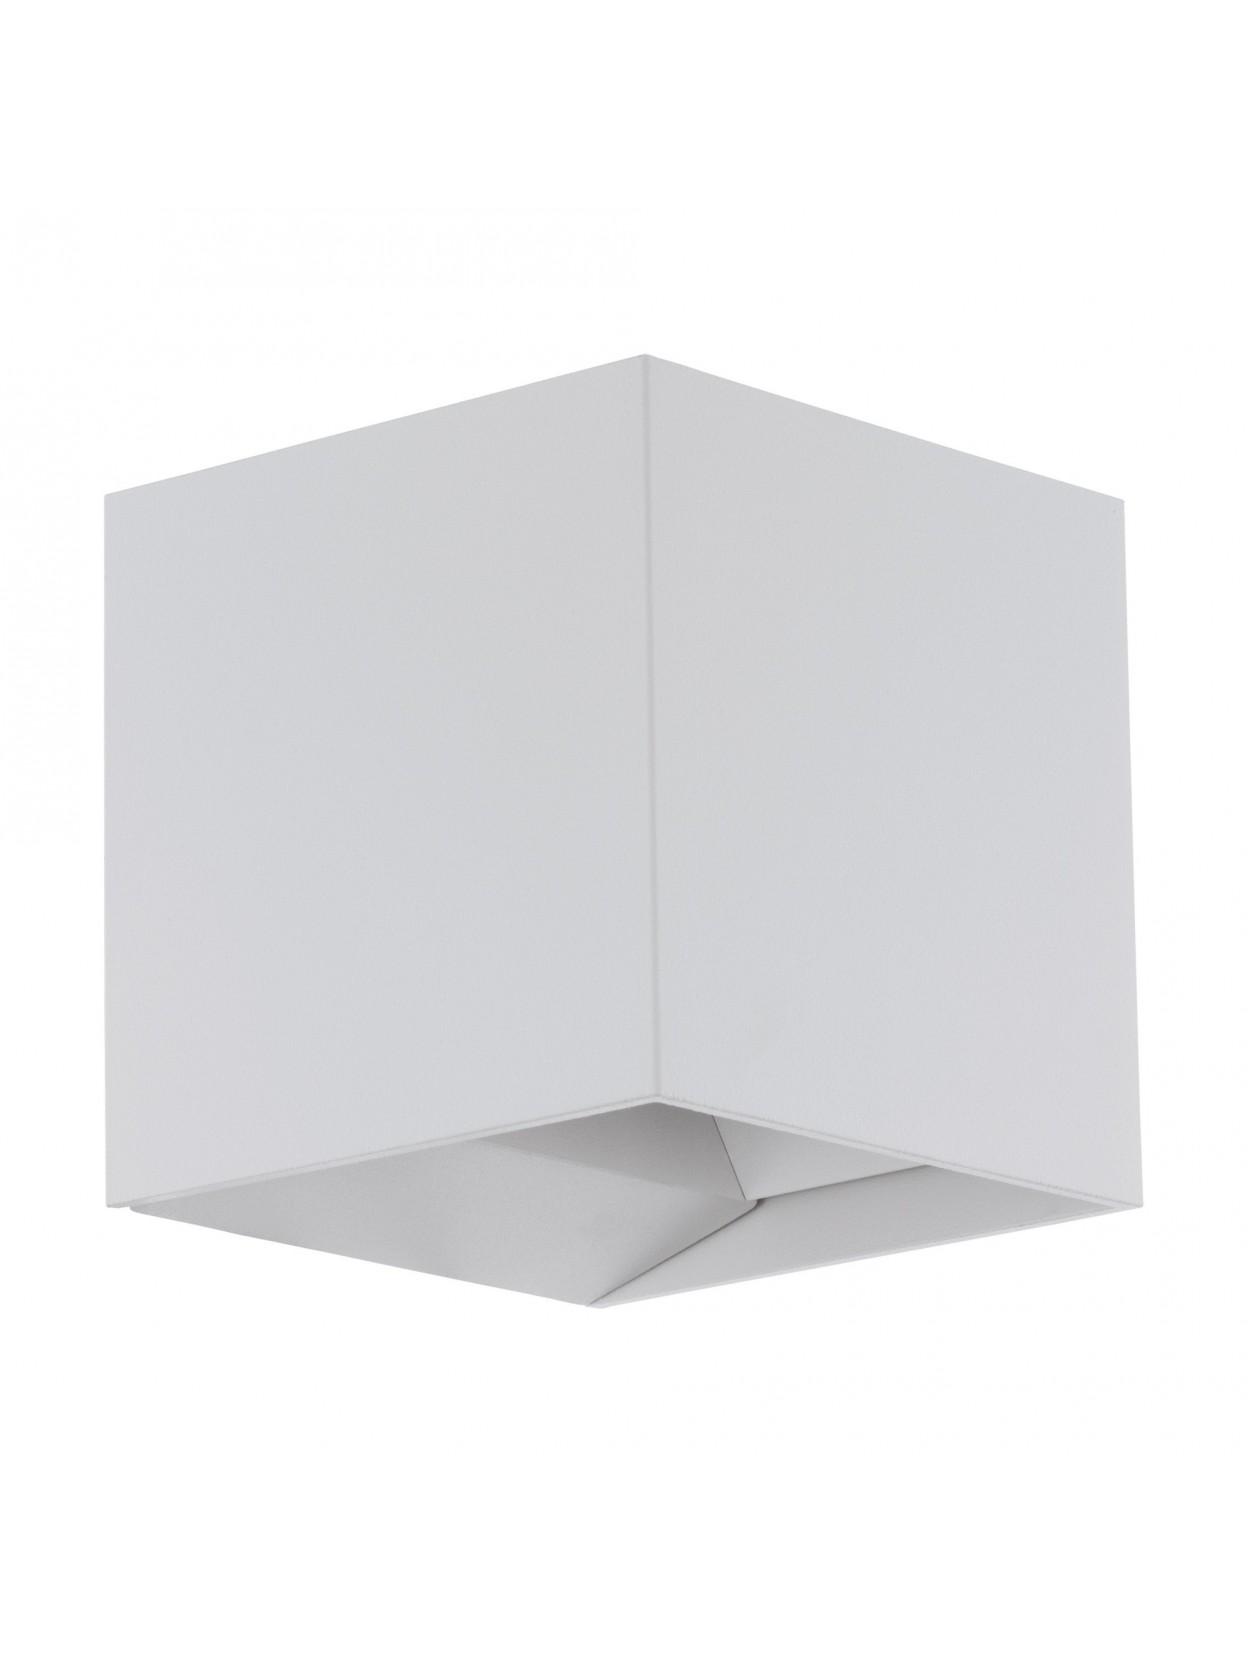 Applique da esterno a led moderno bianco glo 97241 calpino - Applique led esterno ...